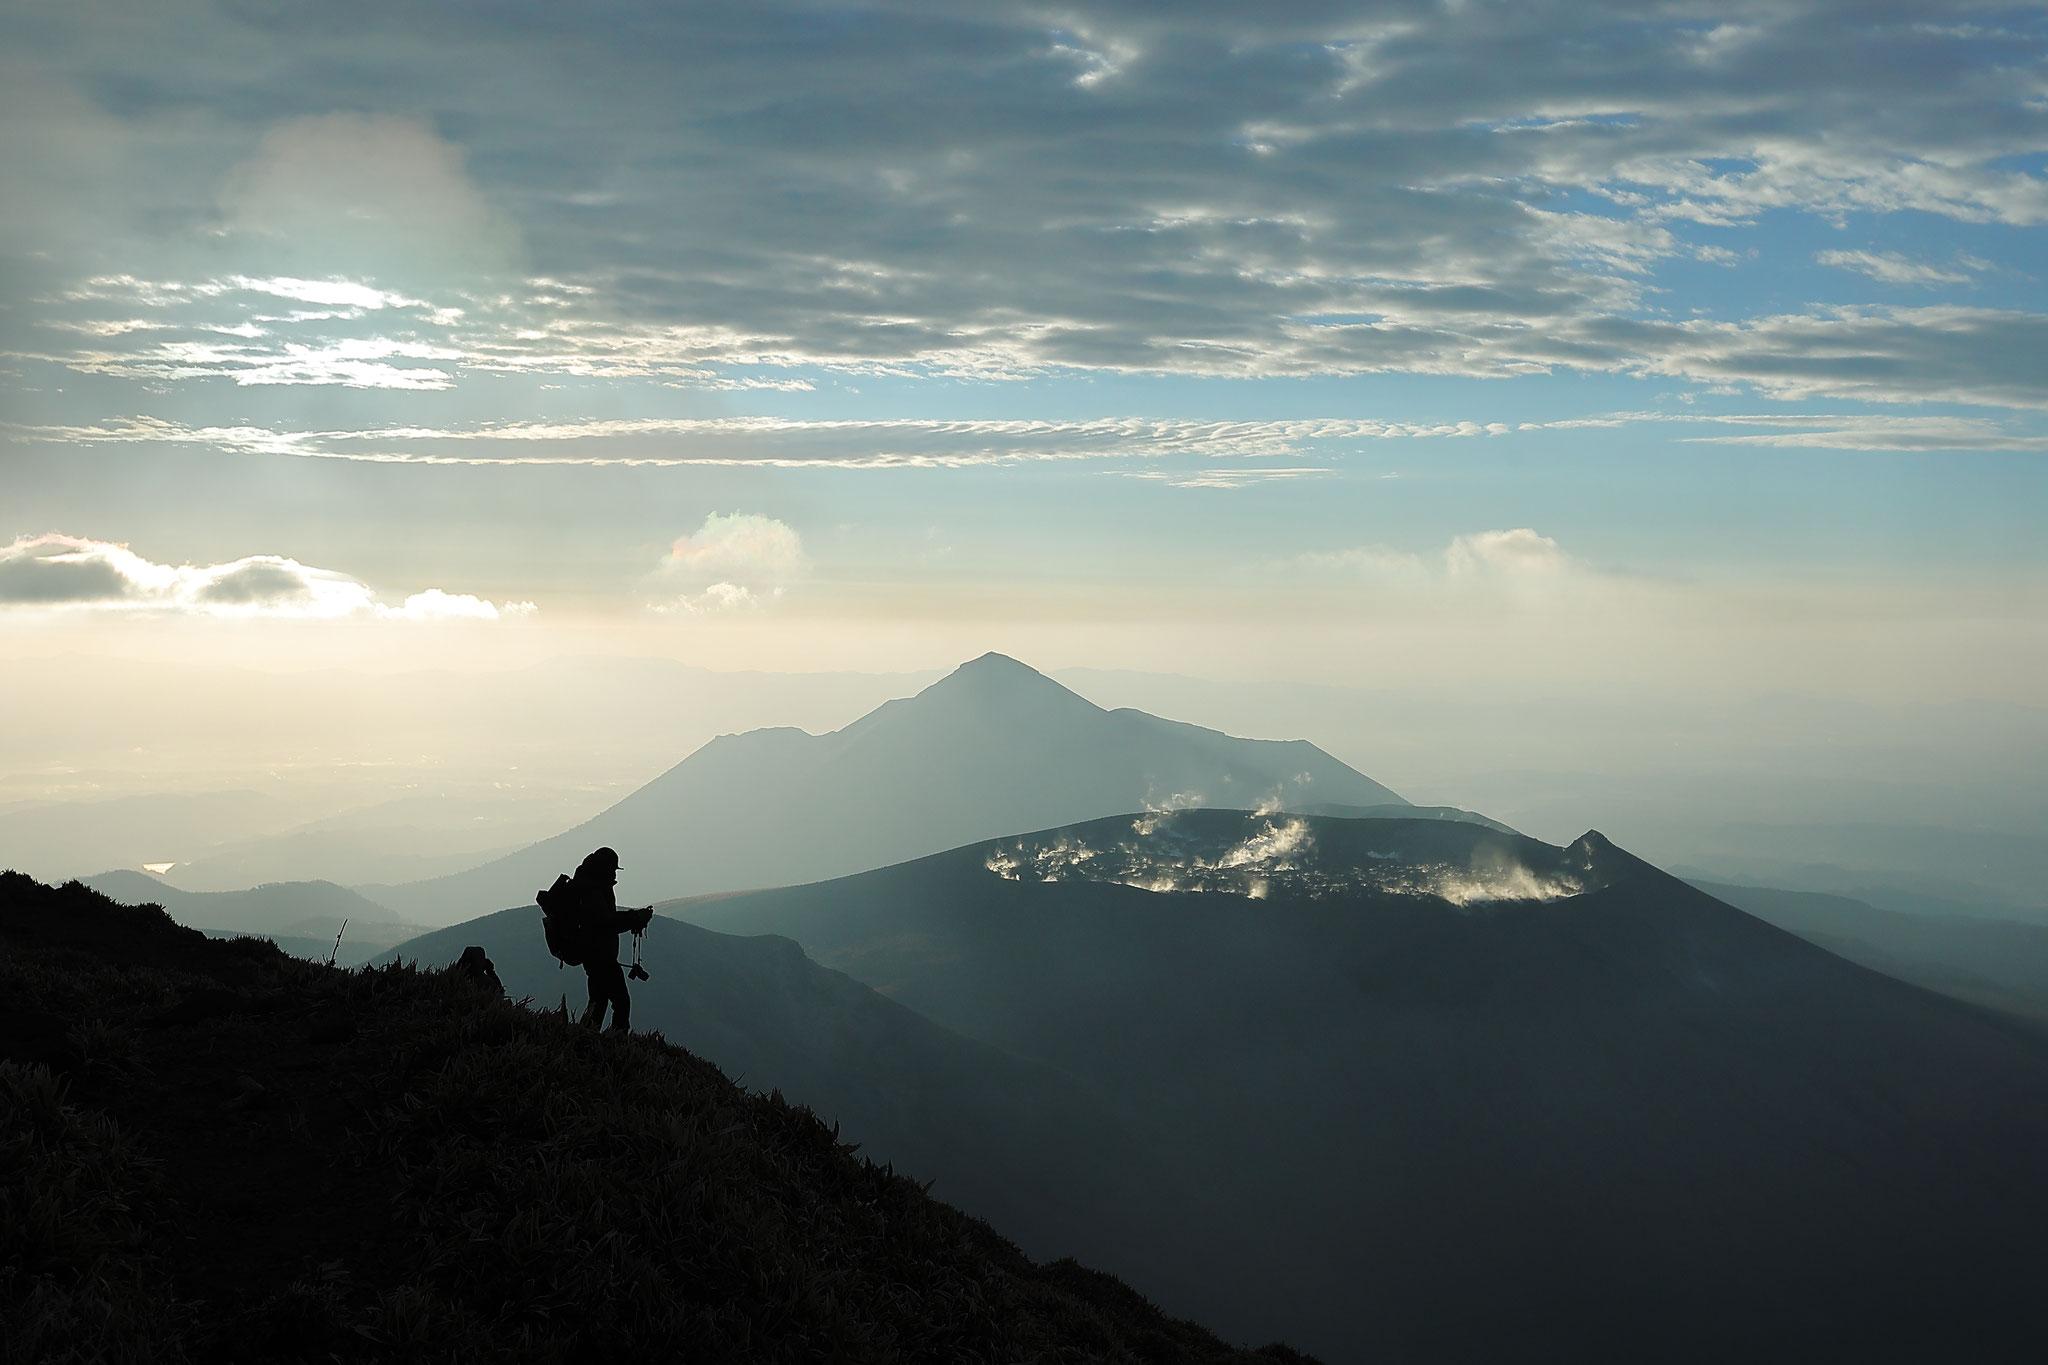 韓国岳より高千穂峰と新燃岳を望む(11/29 韓国岳)